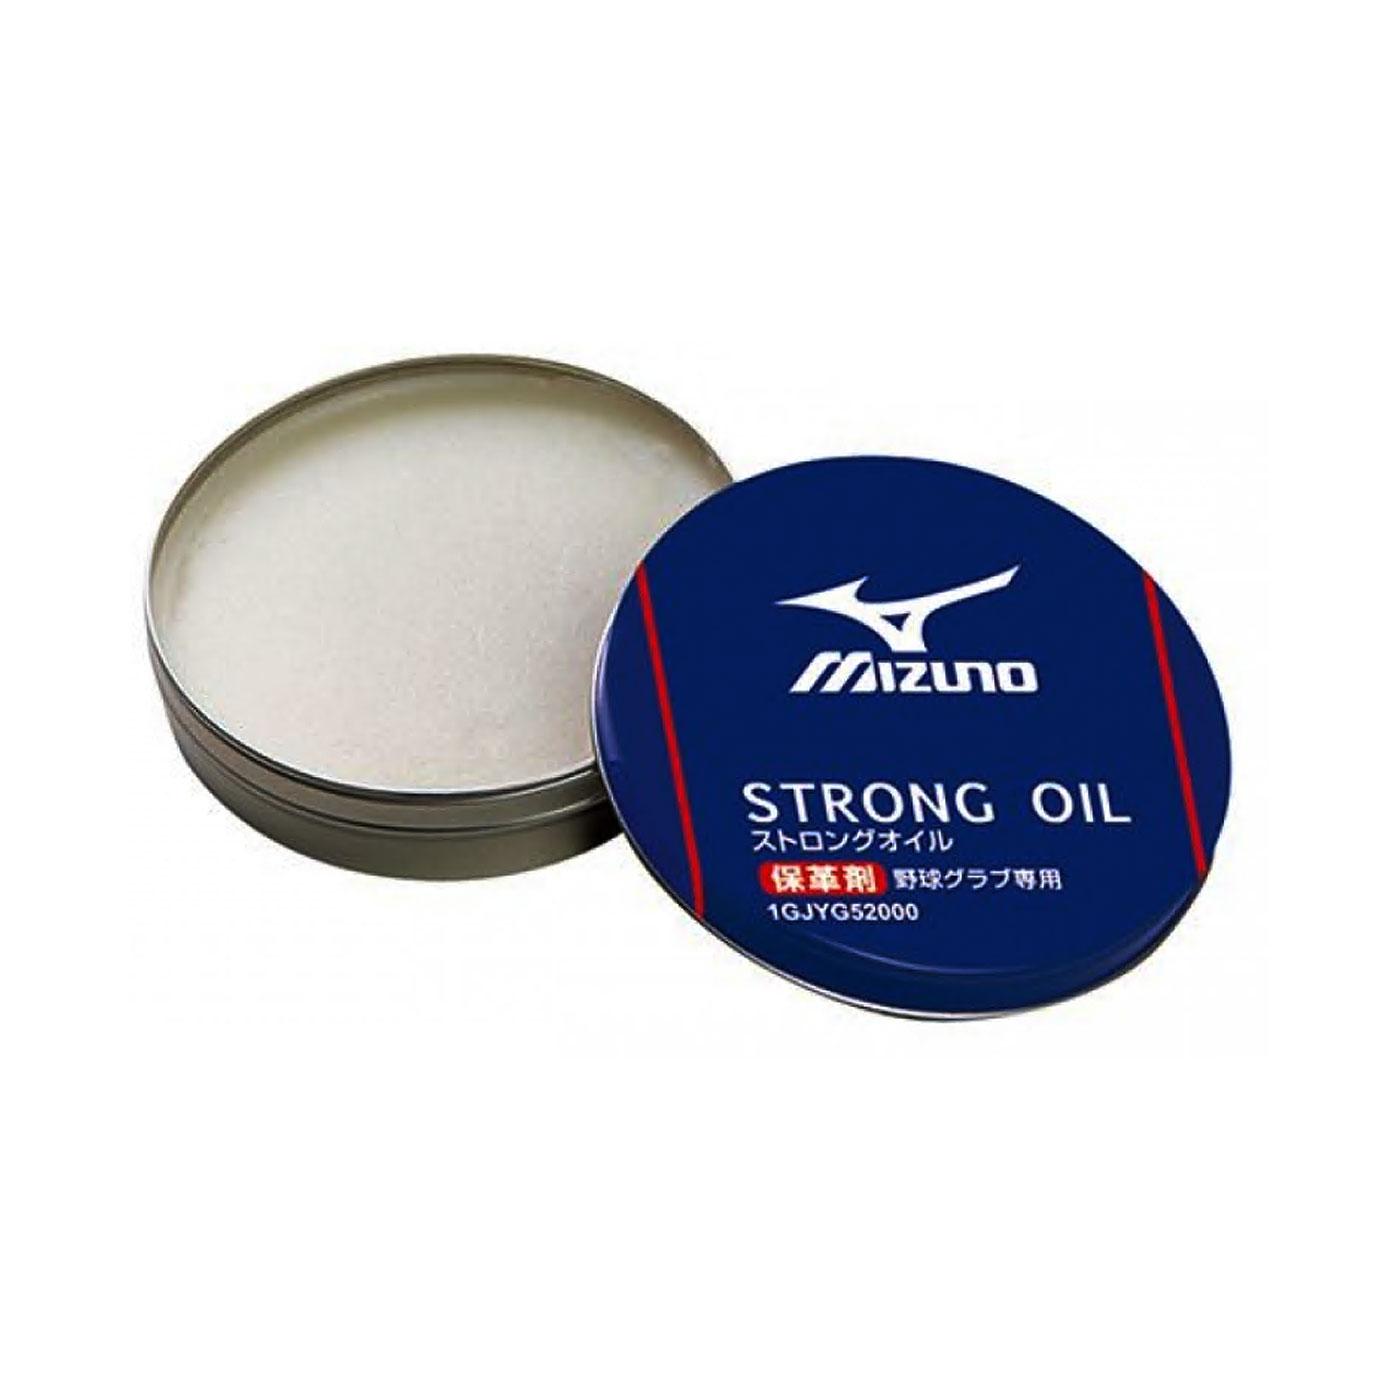 MIZUNO 特定-日製透明保革油 1GJYG52000 - 隨機